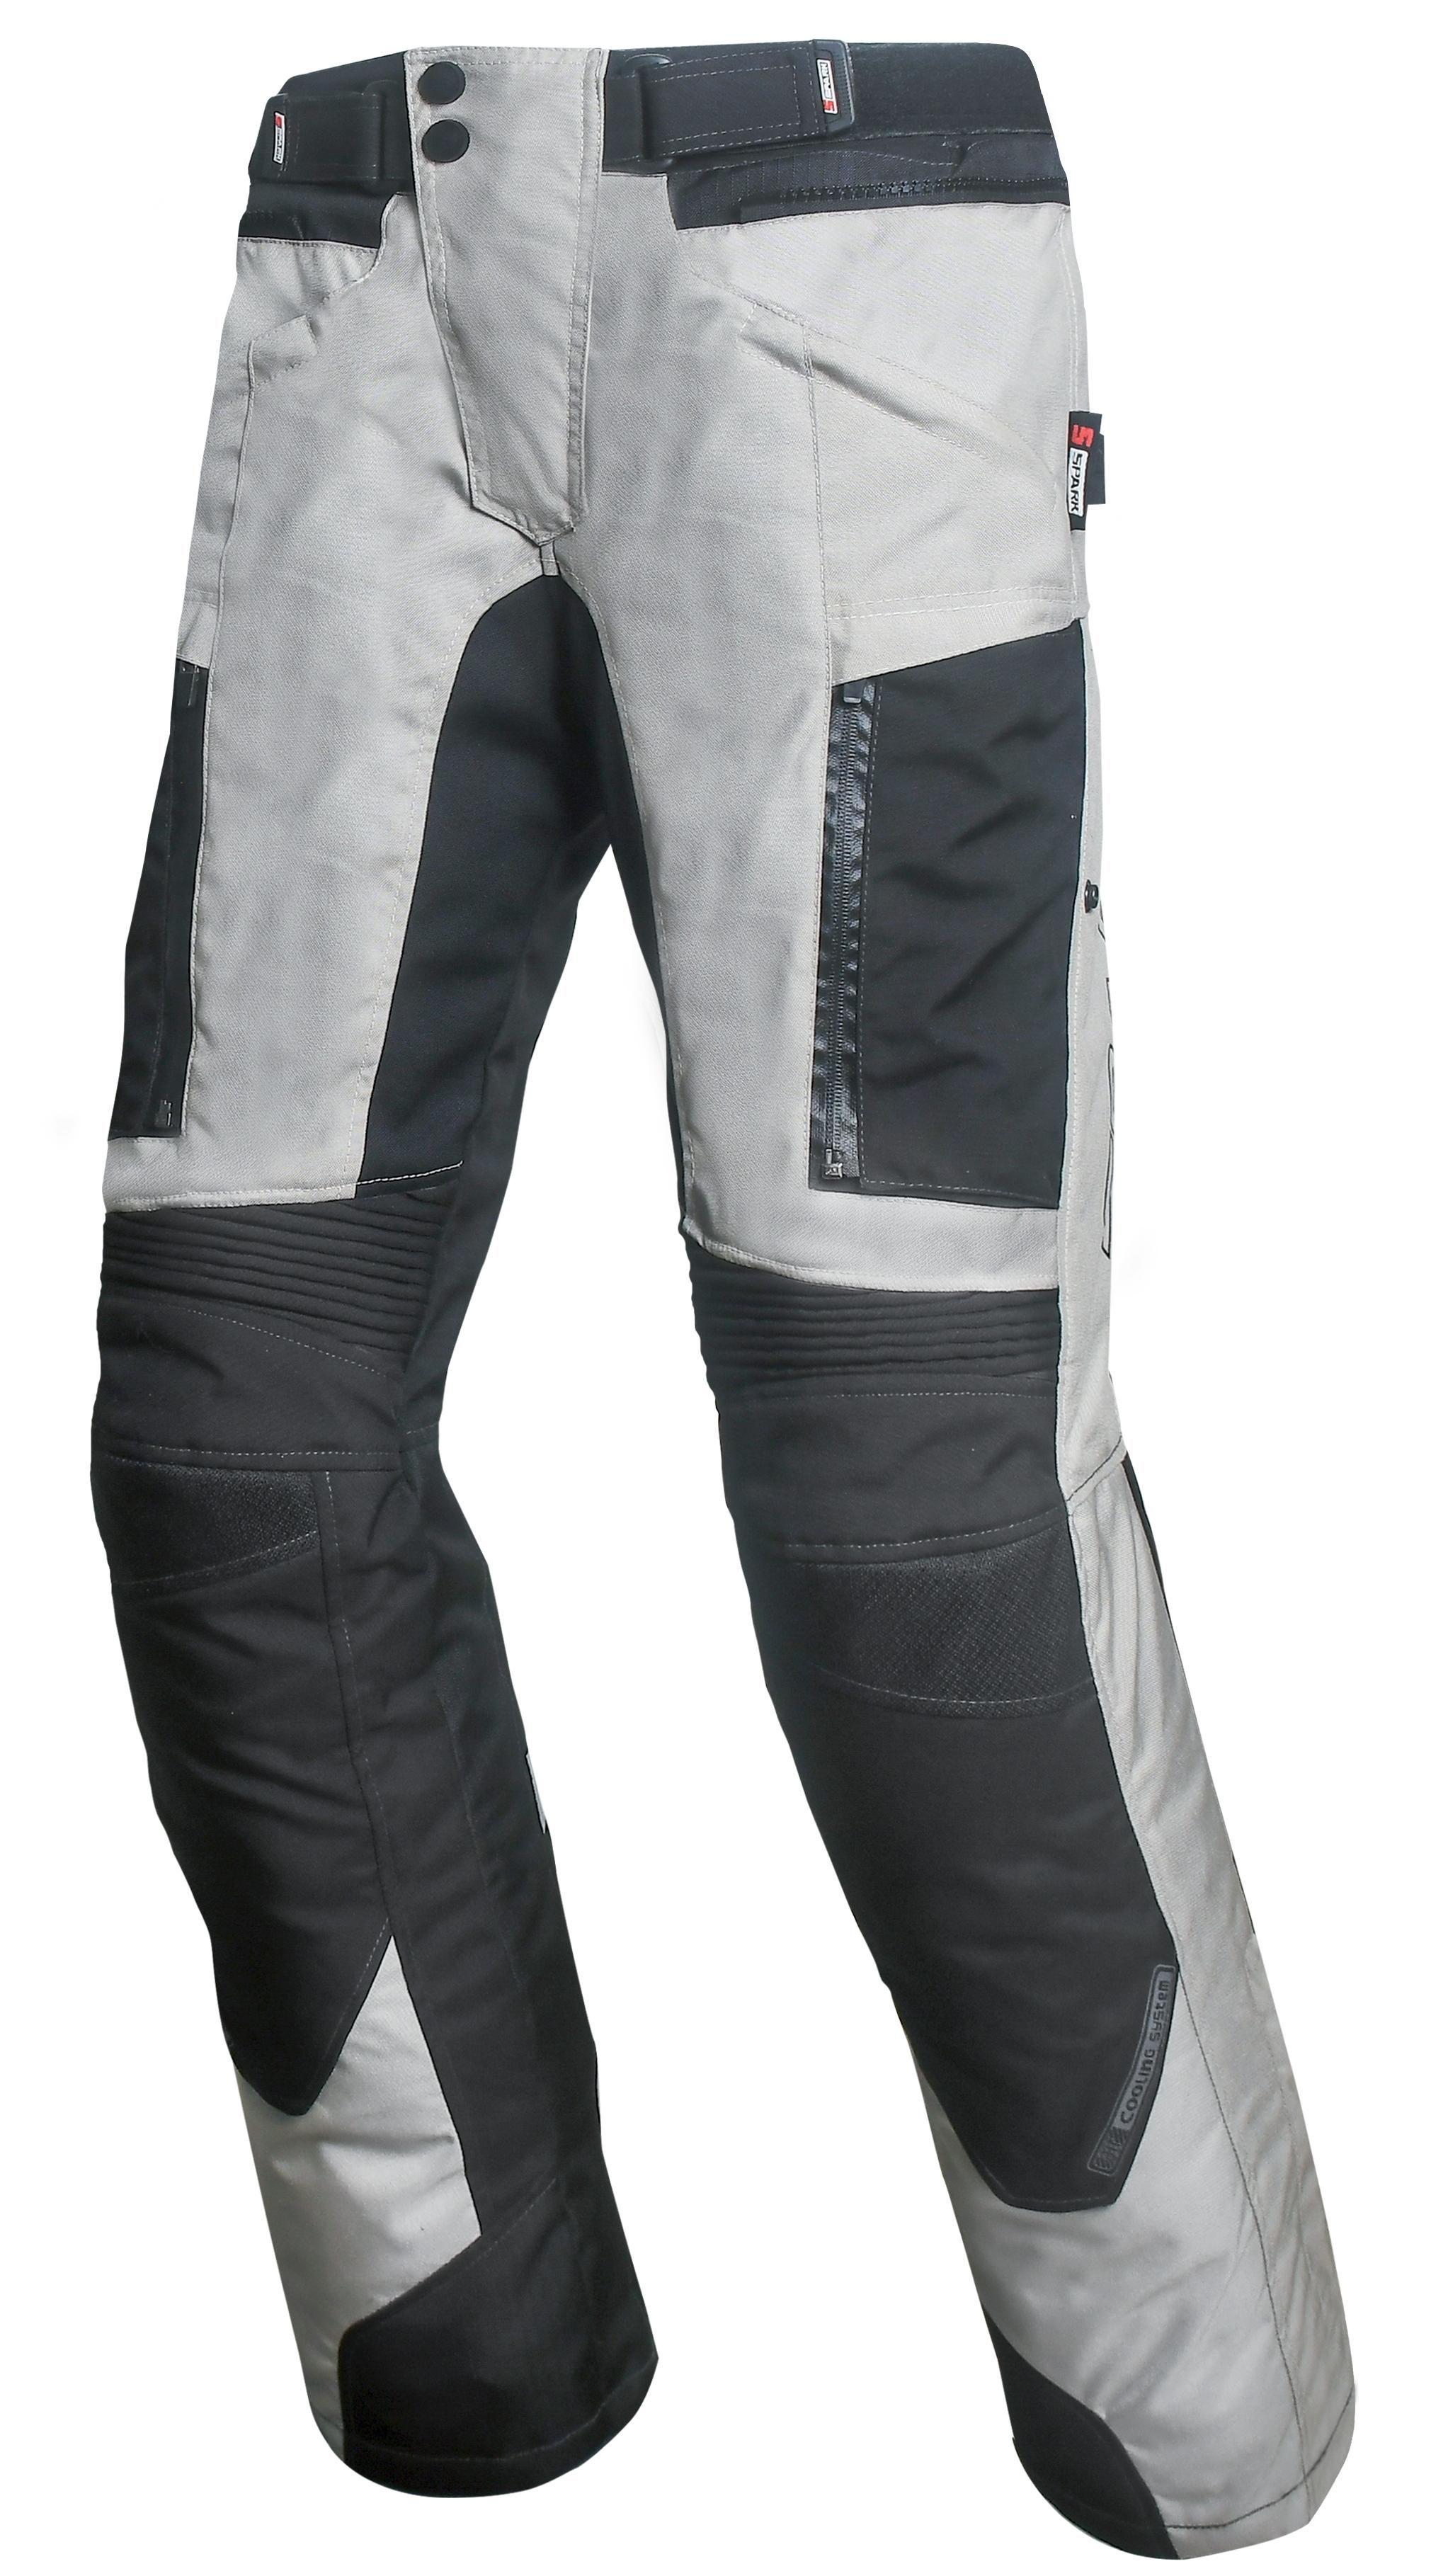 Pánské textilní moto kalhoty SPARK NAUTIC, bílé